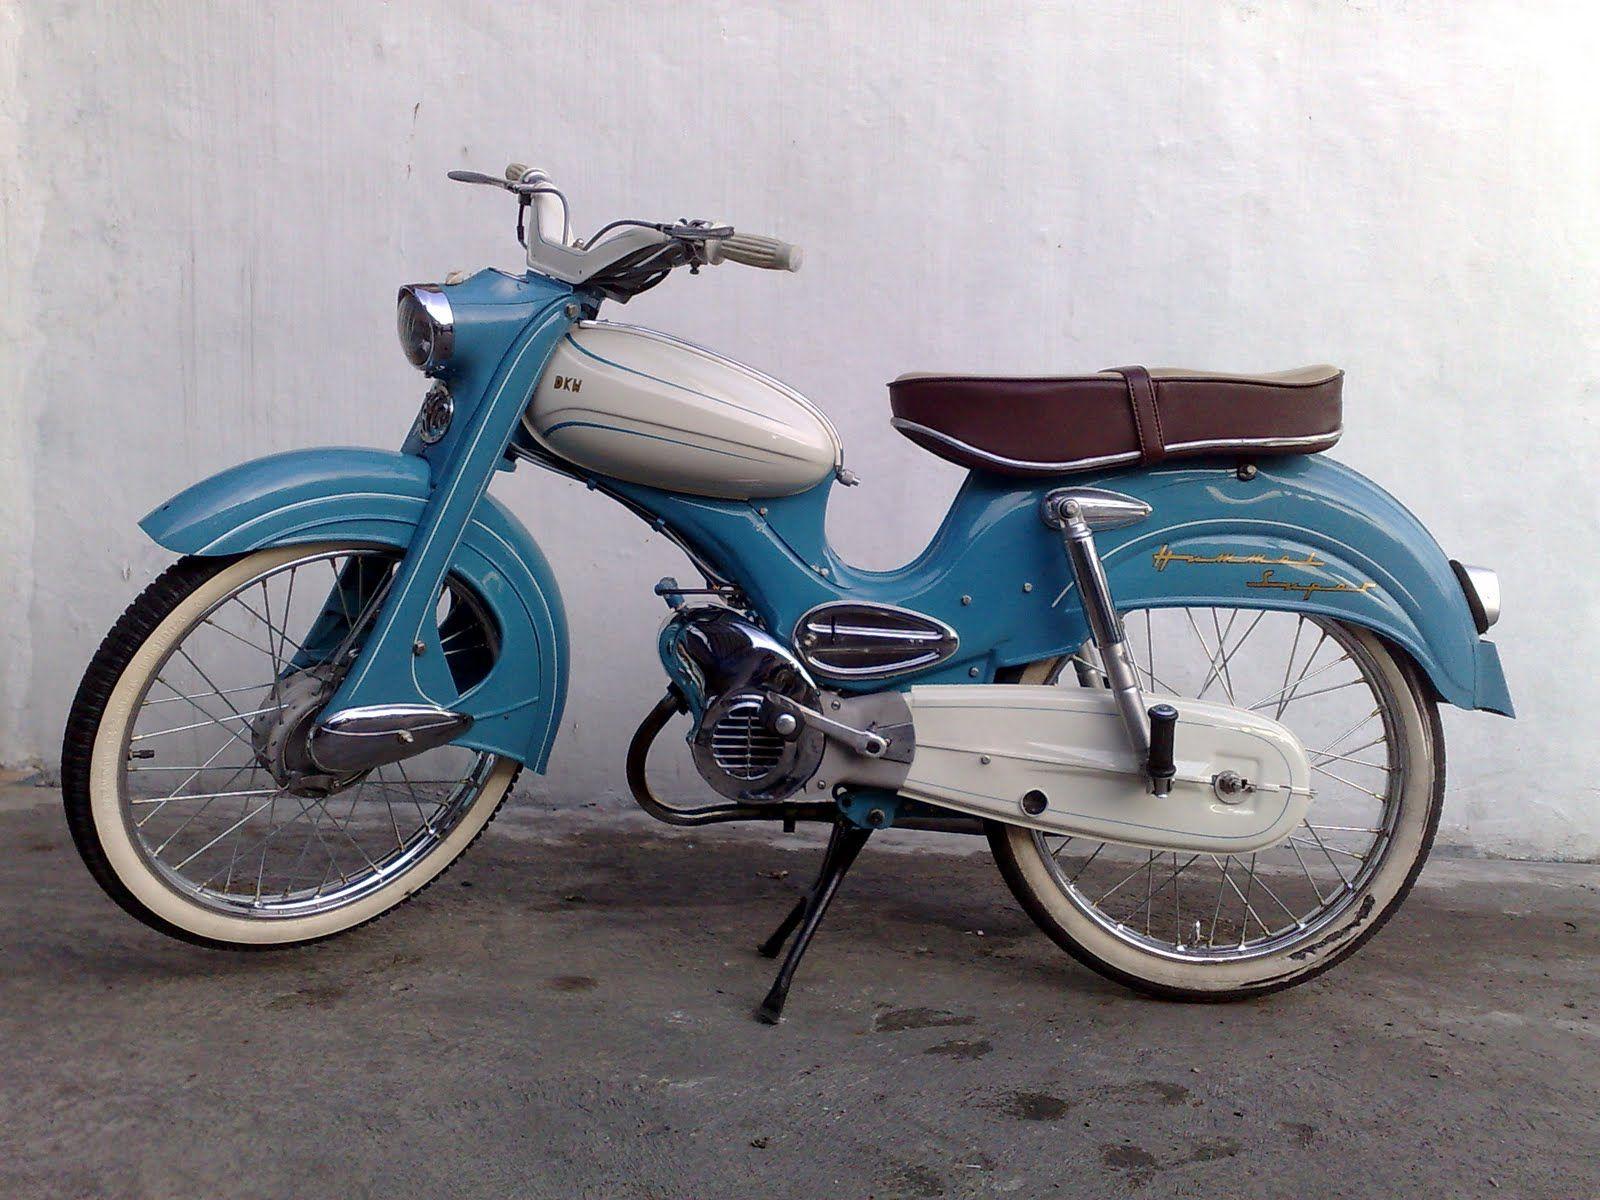 50cc dkw hummel 1962 antique bike gasm pinterest. Black Bedroom Furniture Sets. Home Design Ideas